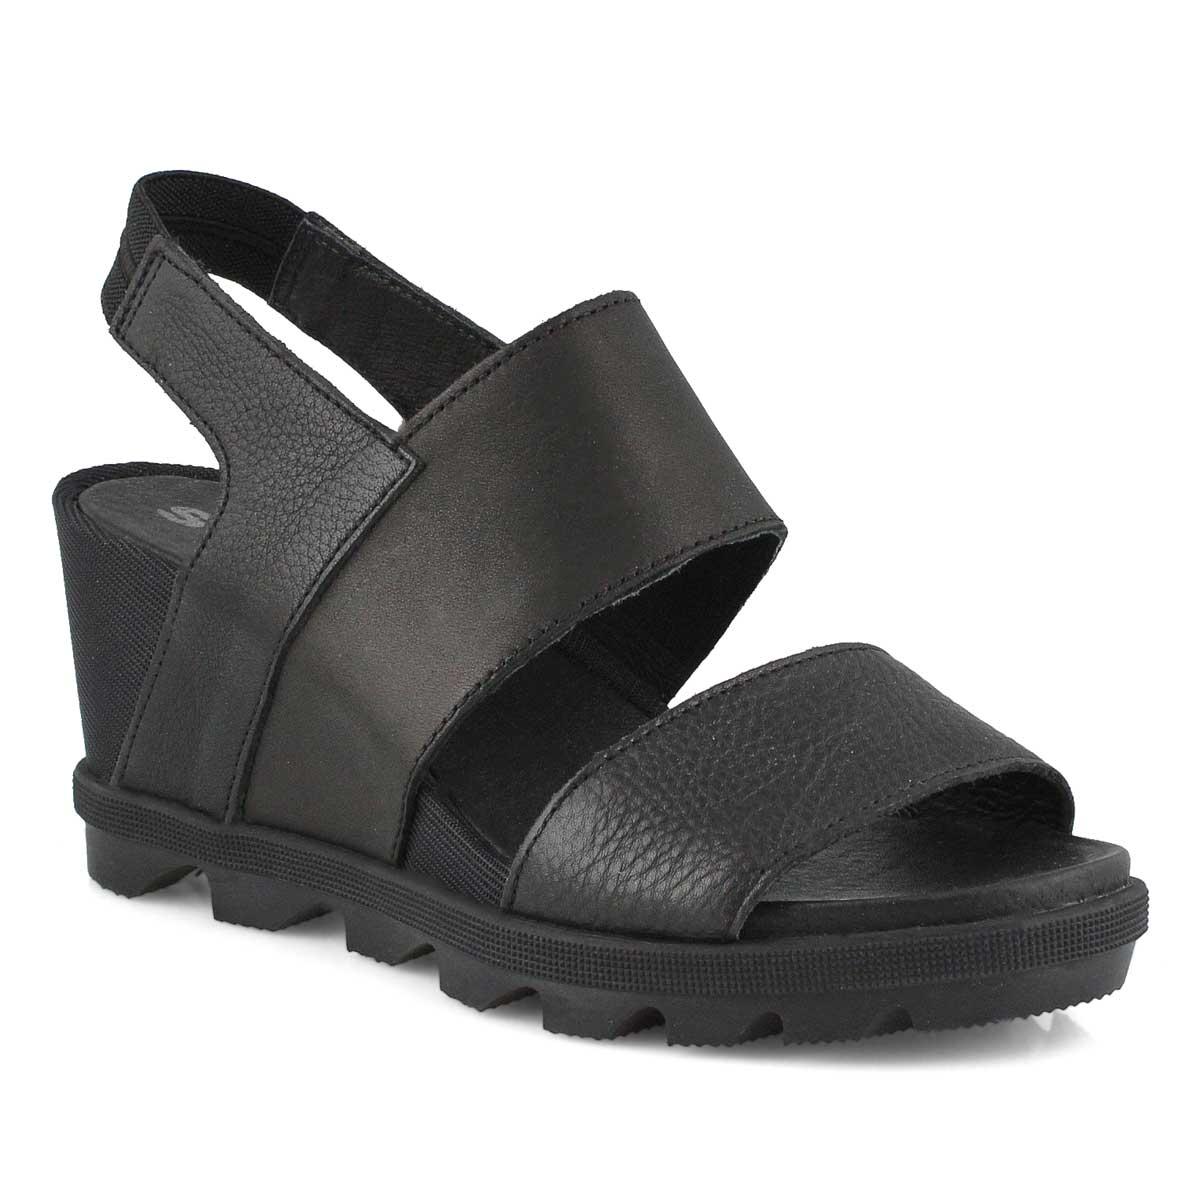 Lds Joanie II Slingback blk wedge sandal